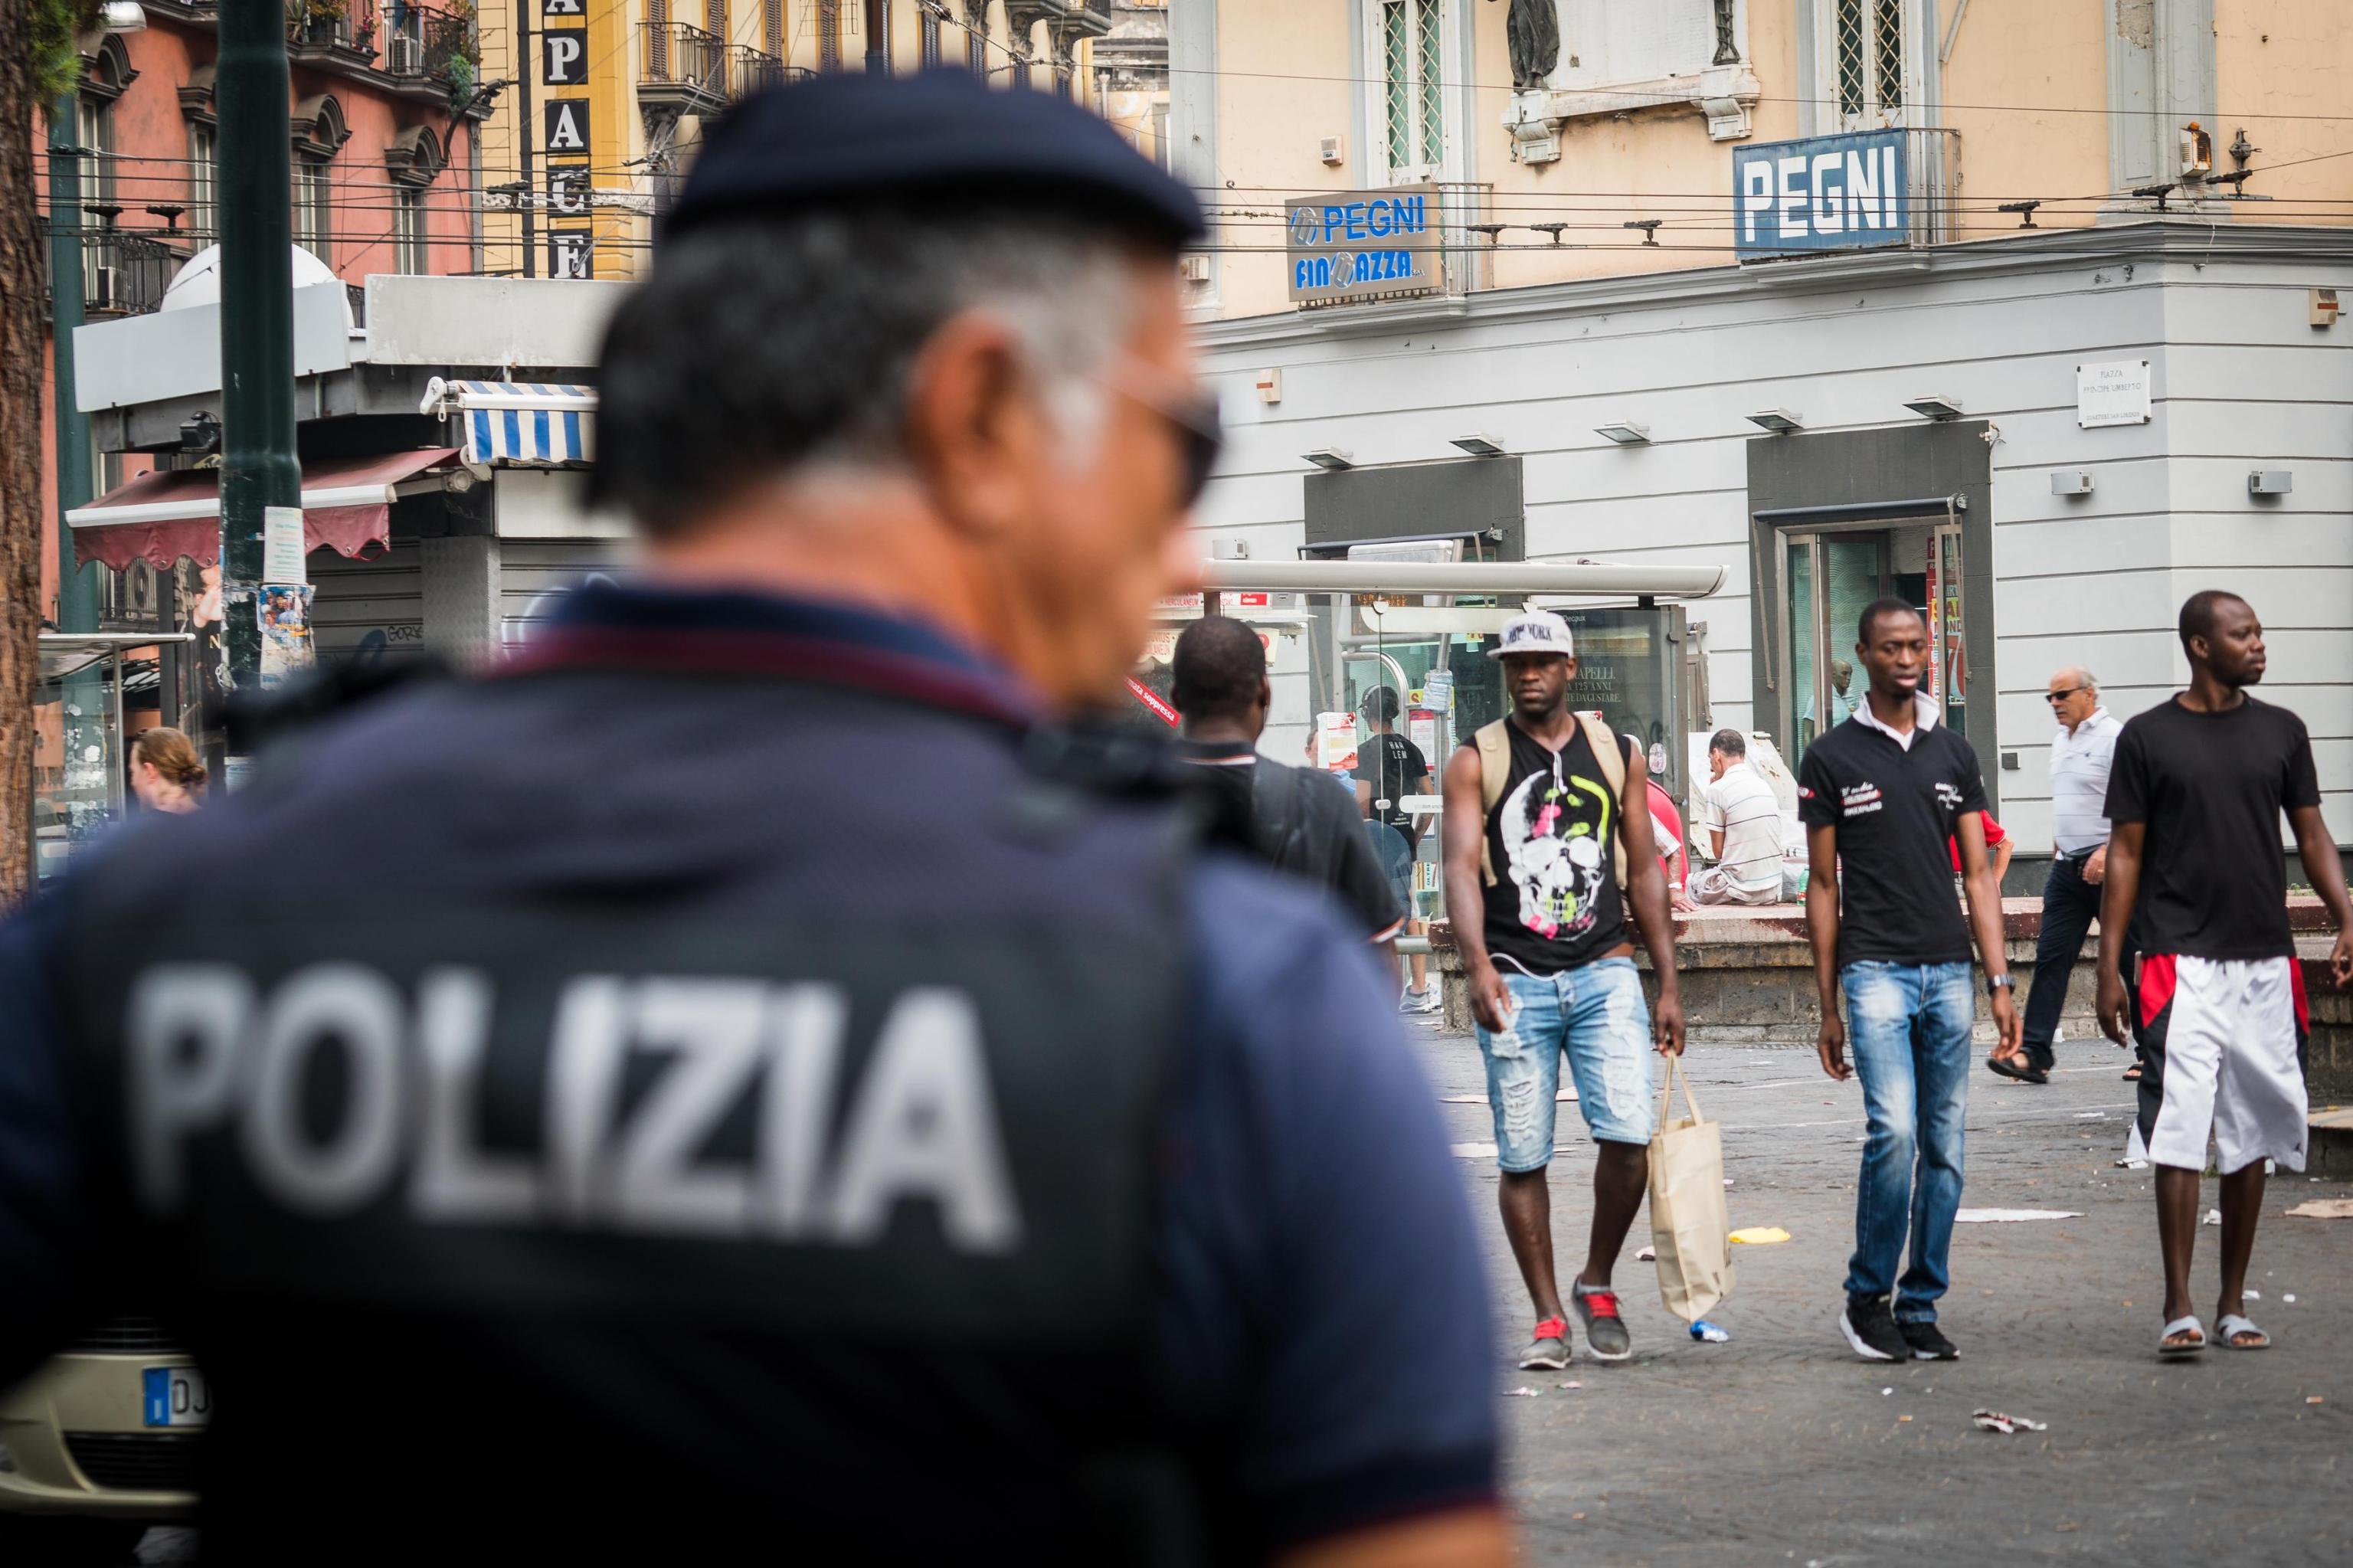 Spari contro ambulante, a Napoli ferito immigrato